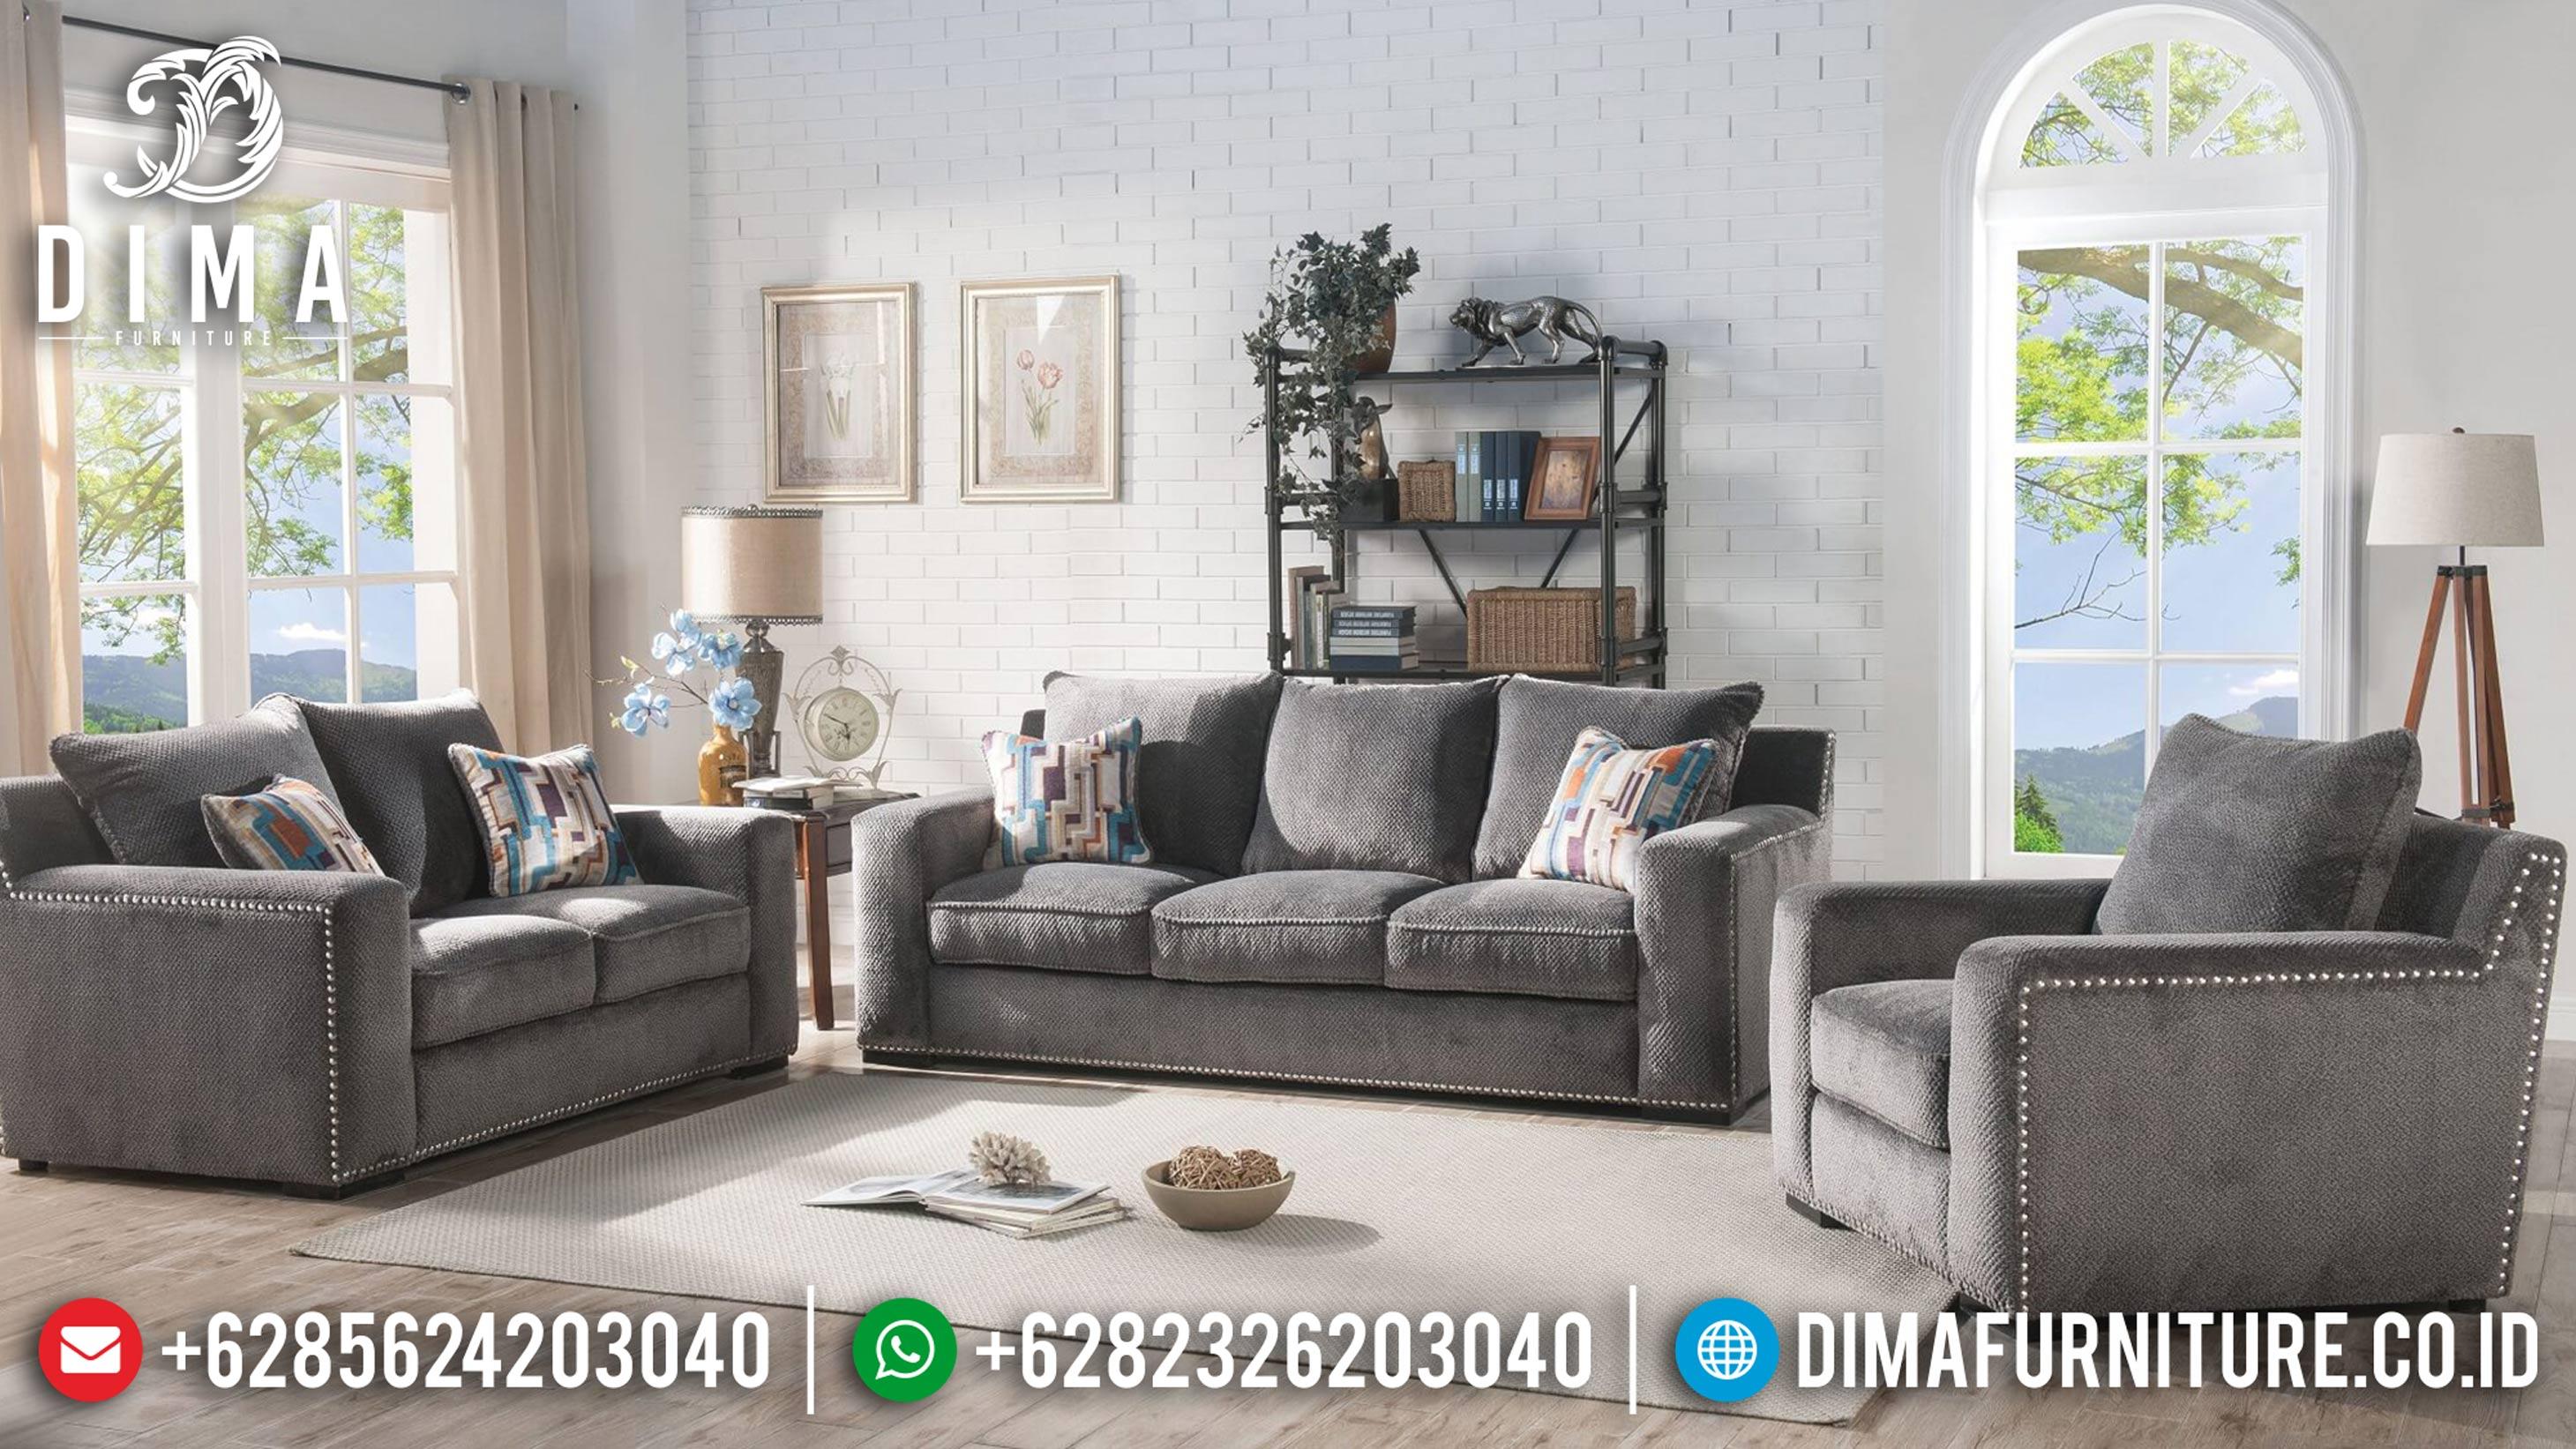 Set Sofa Tamu Minimalis Terbaru, Sofa Tamu Jepara Mewah, Sofa Modern 2019 ST-0617